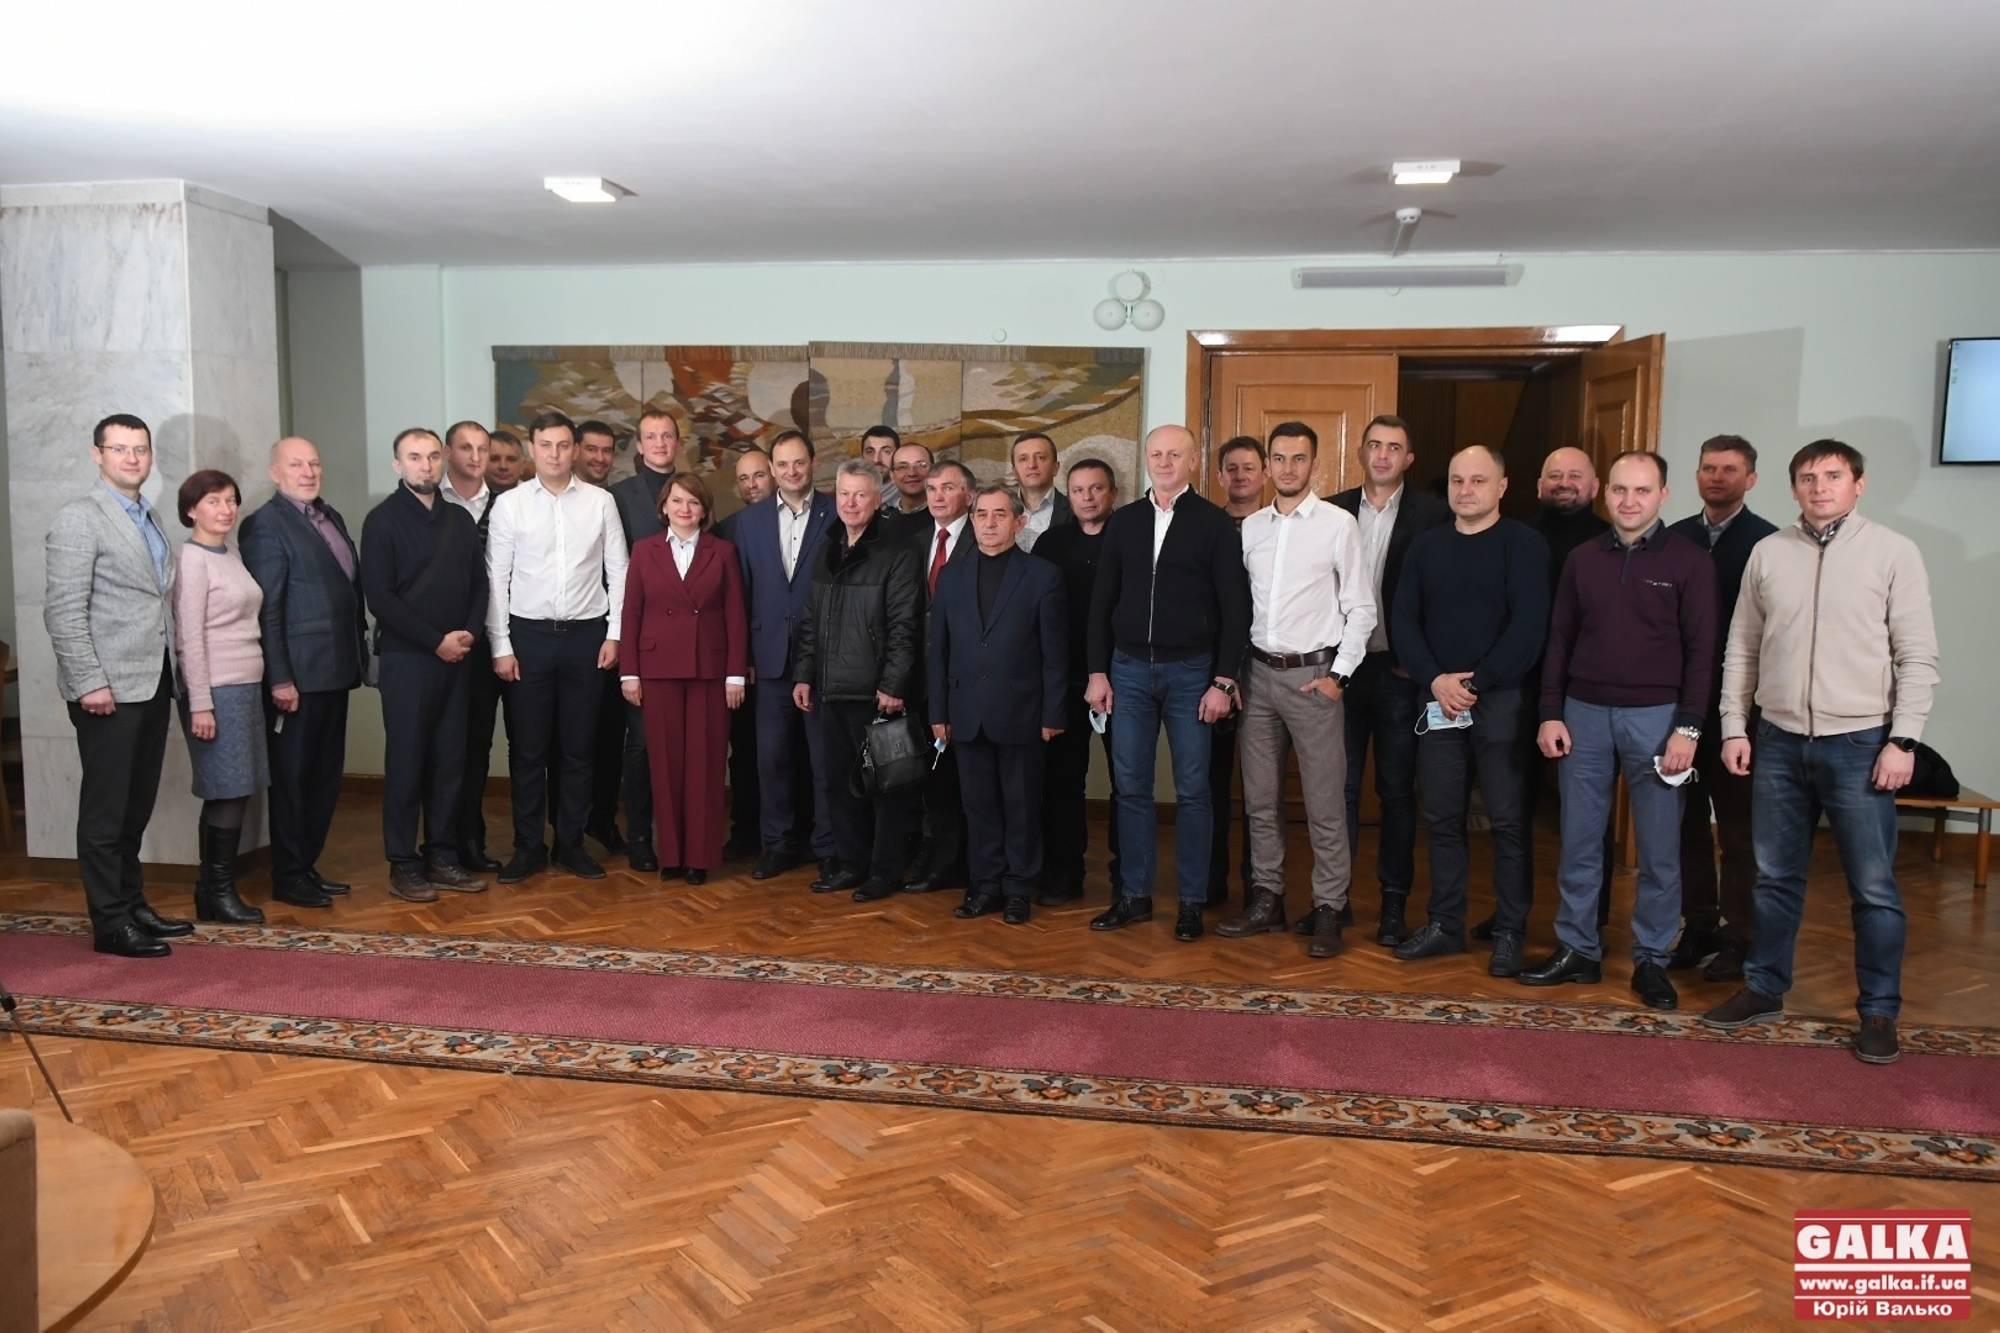 Остання сесія міської ради чинного скликання: прийняті рішення та пам'ятна світлина (ФОТОРЕПОРТАЖ)